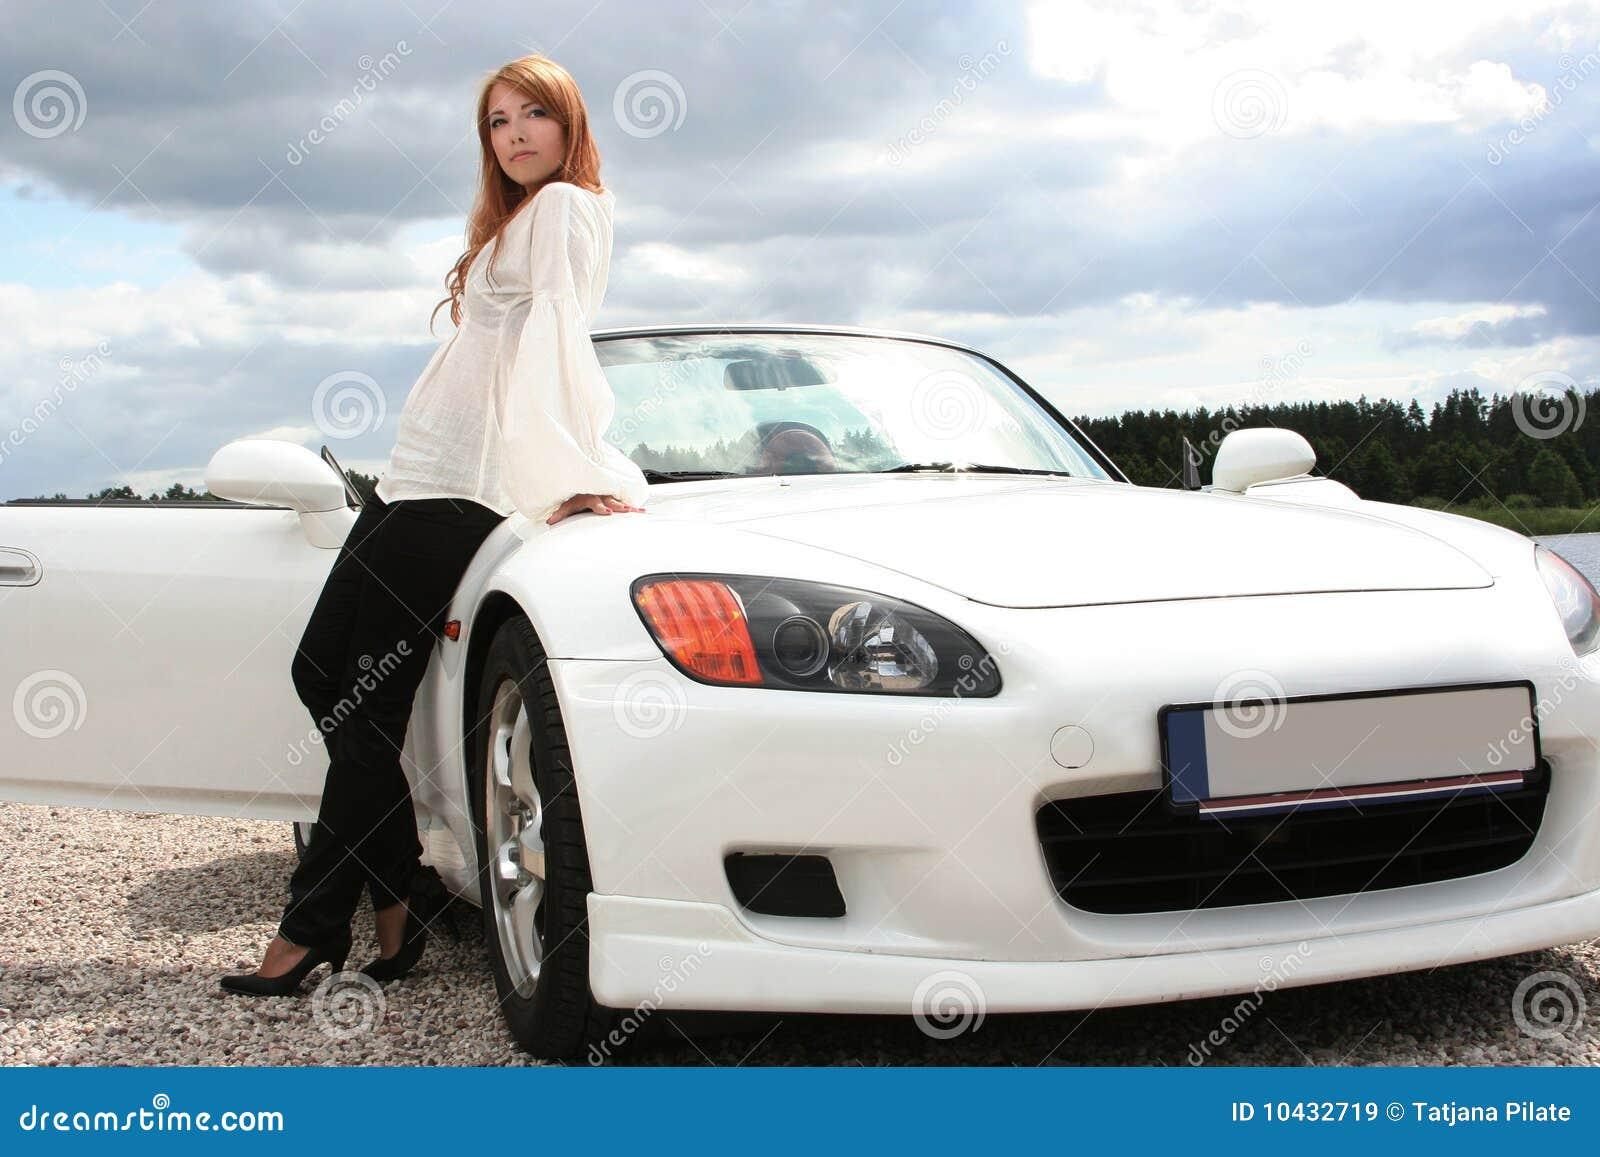 White Luxury Car Stock Image Image Of Travel Transport 10432719